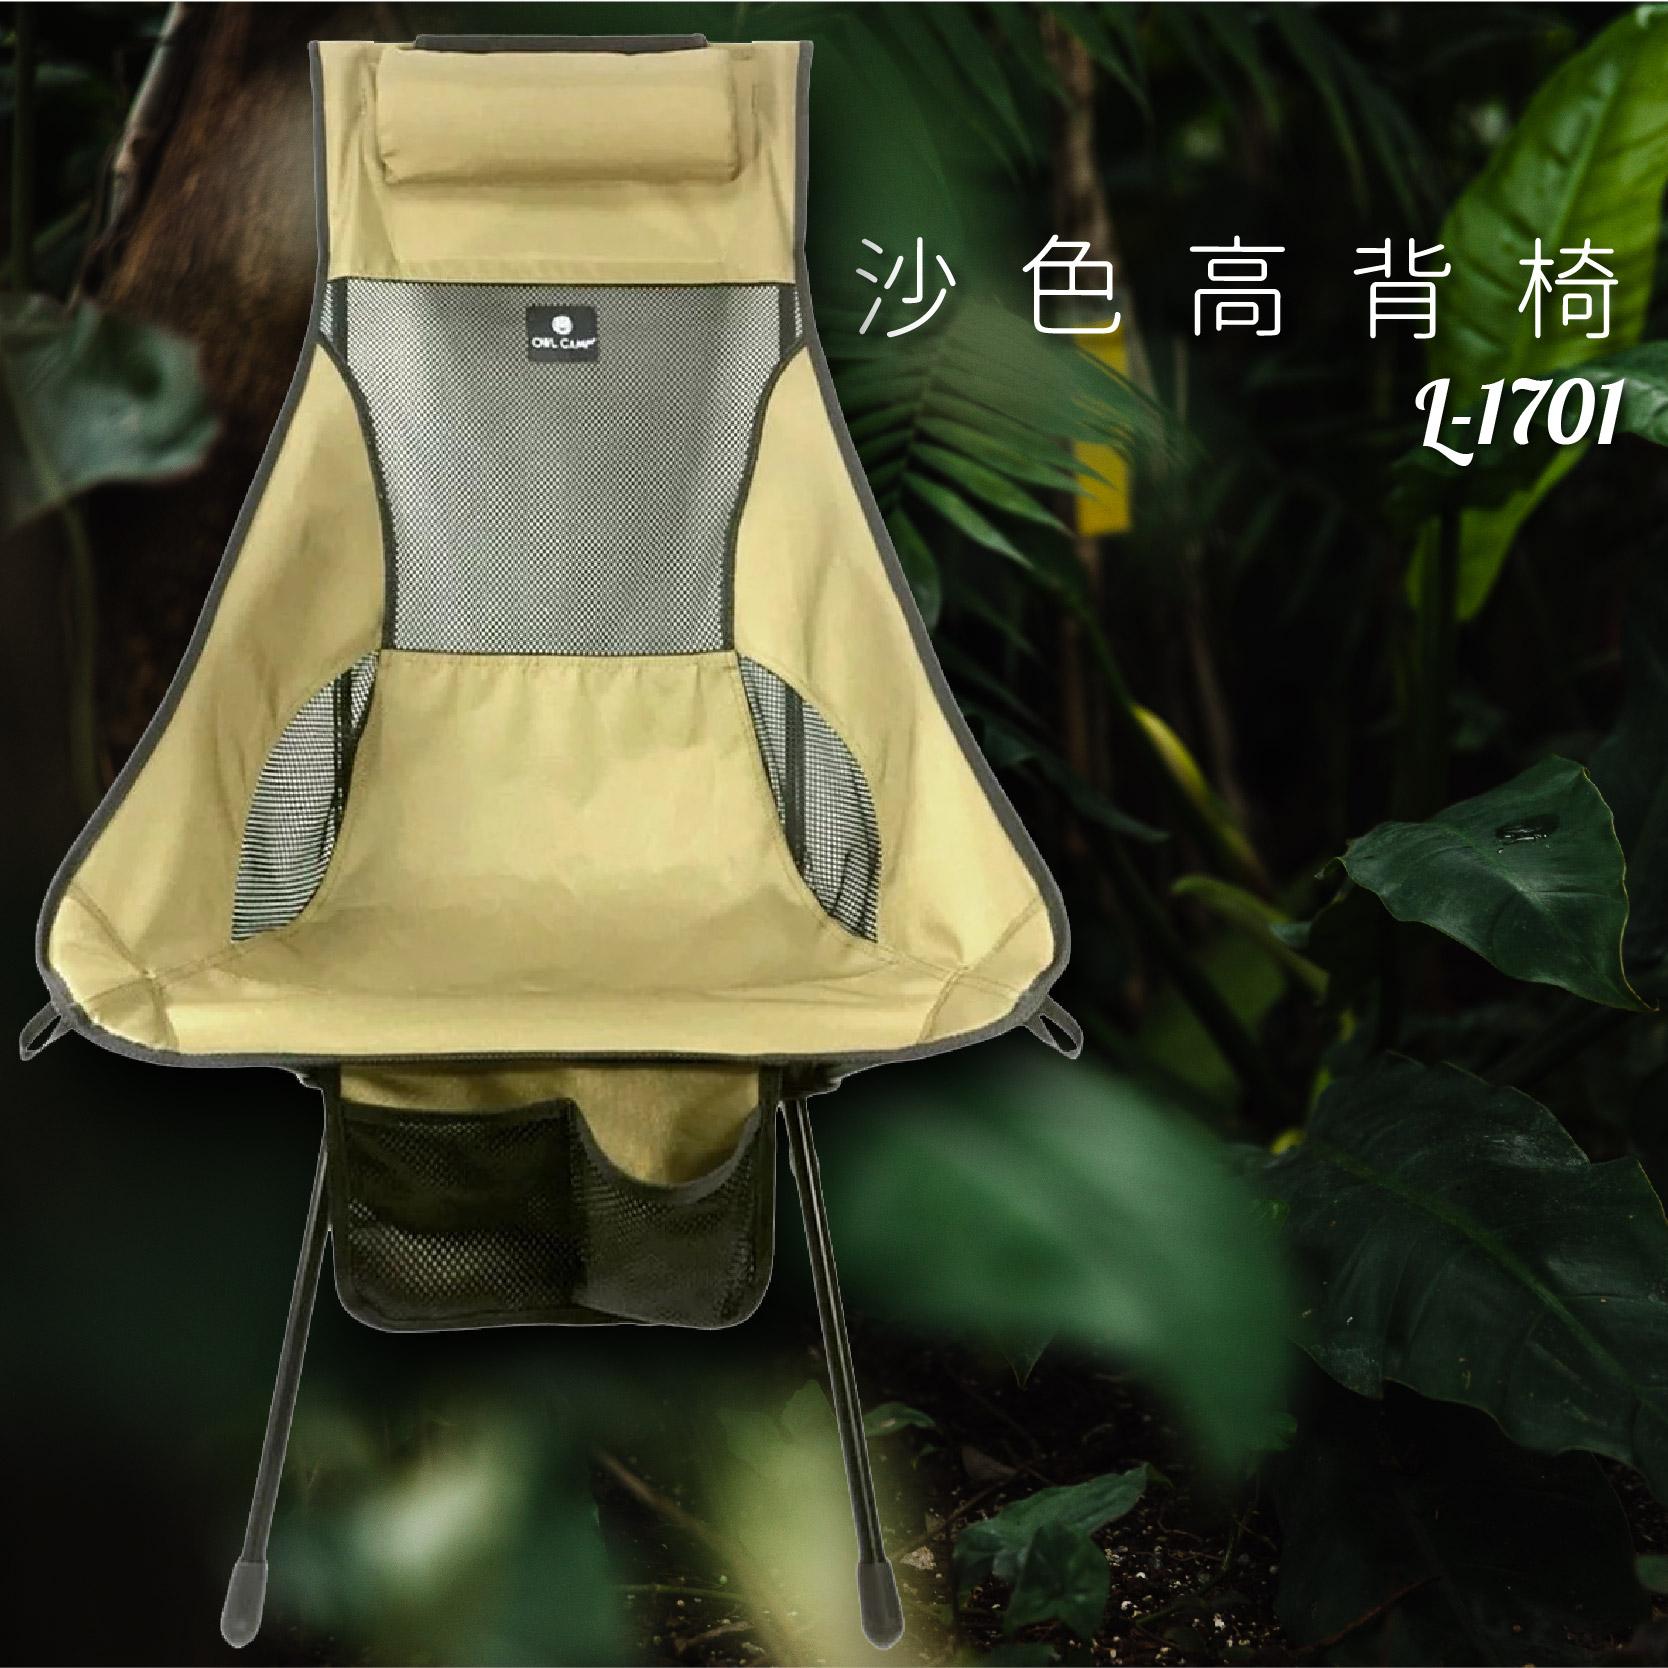 好想去旅行!高背椅 L-1701 沙色 露營椅 摺疊椅 收納椅 沙灘椅 輕巧 時尚 旅行 假期 鋁合金 機能布